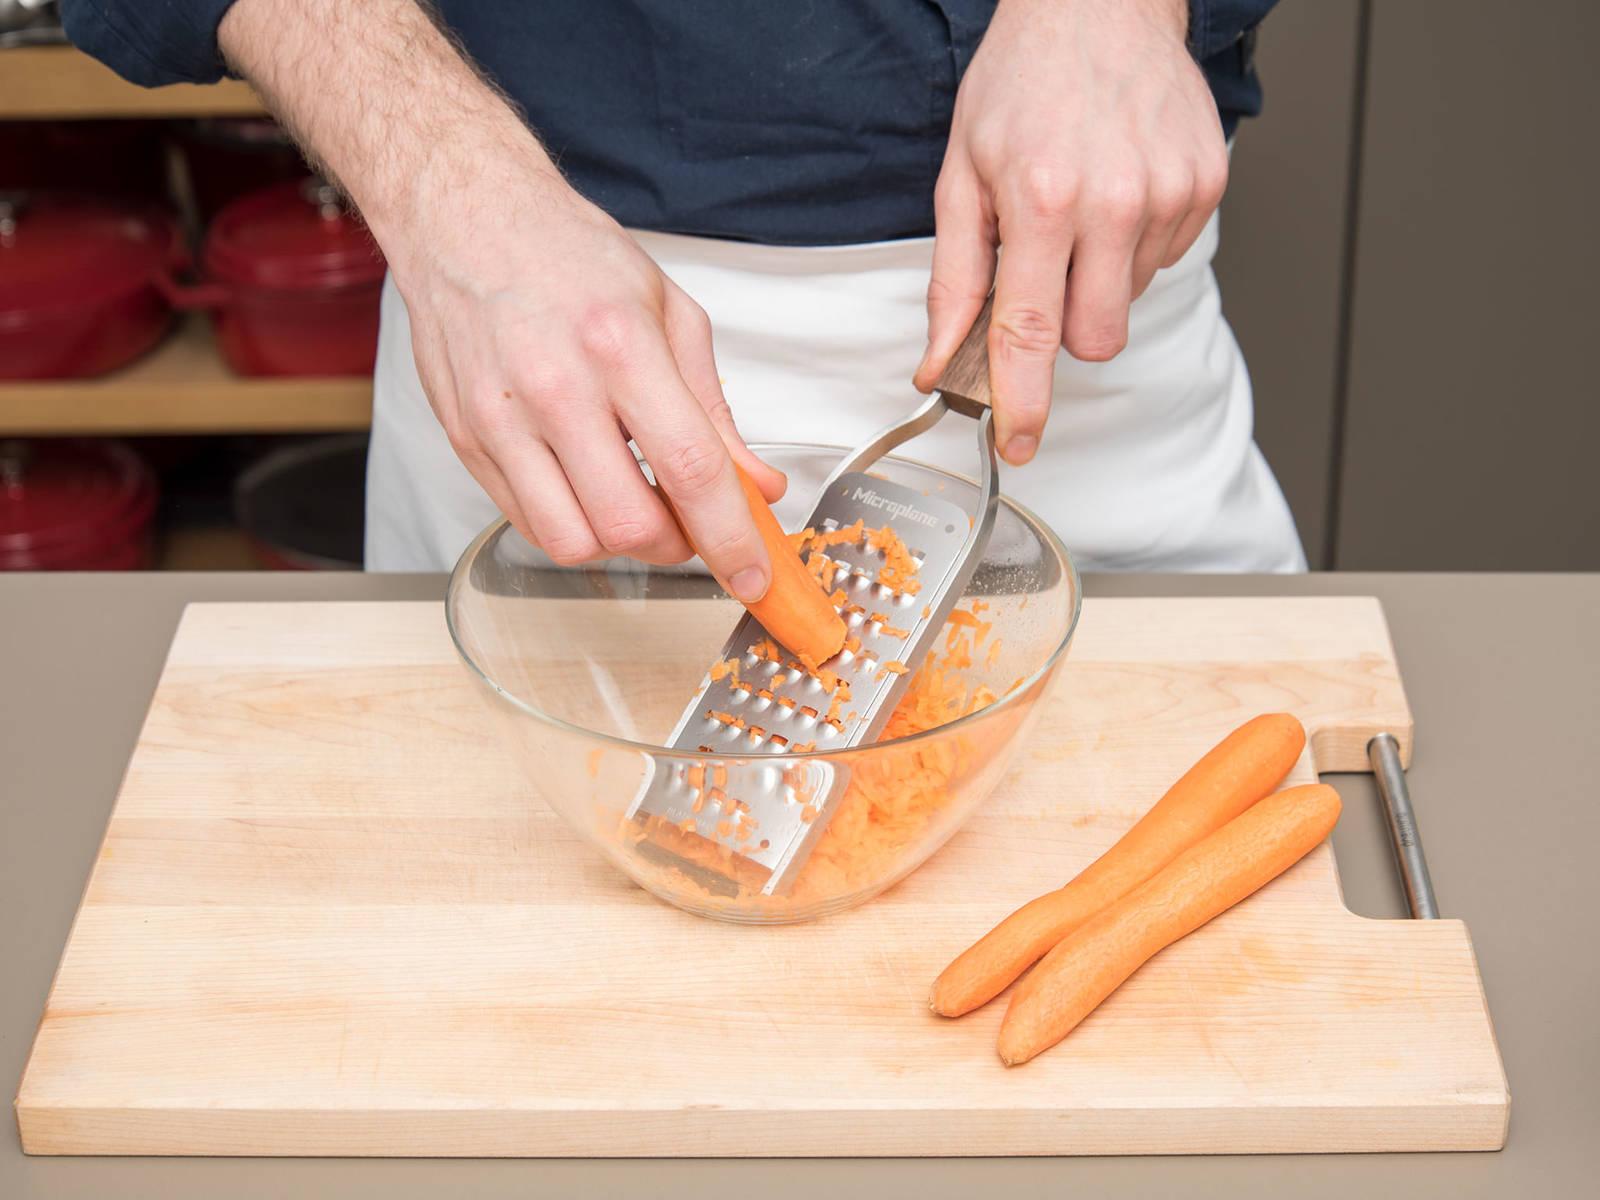 将烤箱预热至170℃。用黄油润滑脱底烤盘。胡萝卜削皮后刨丝待用。分离鸡蛋,分别放到两个小碗中。